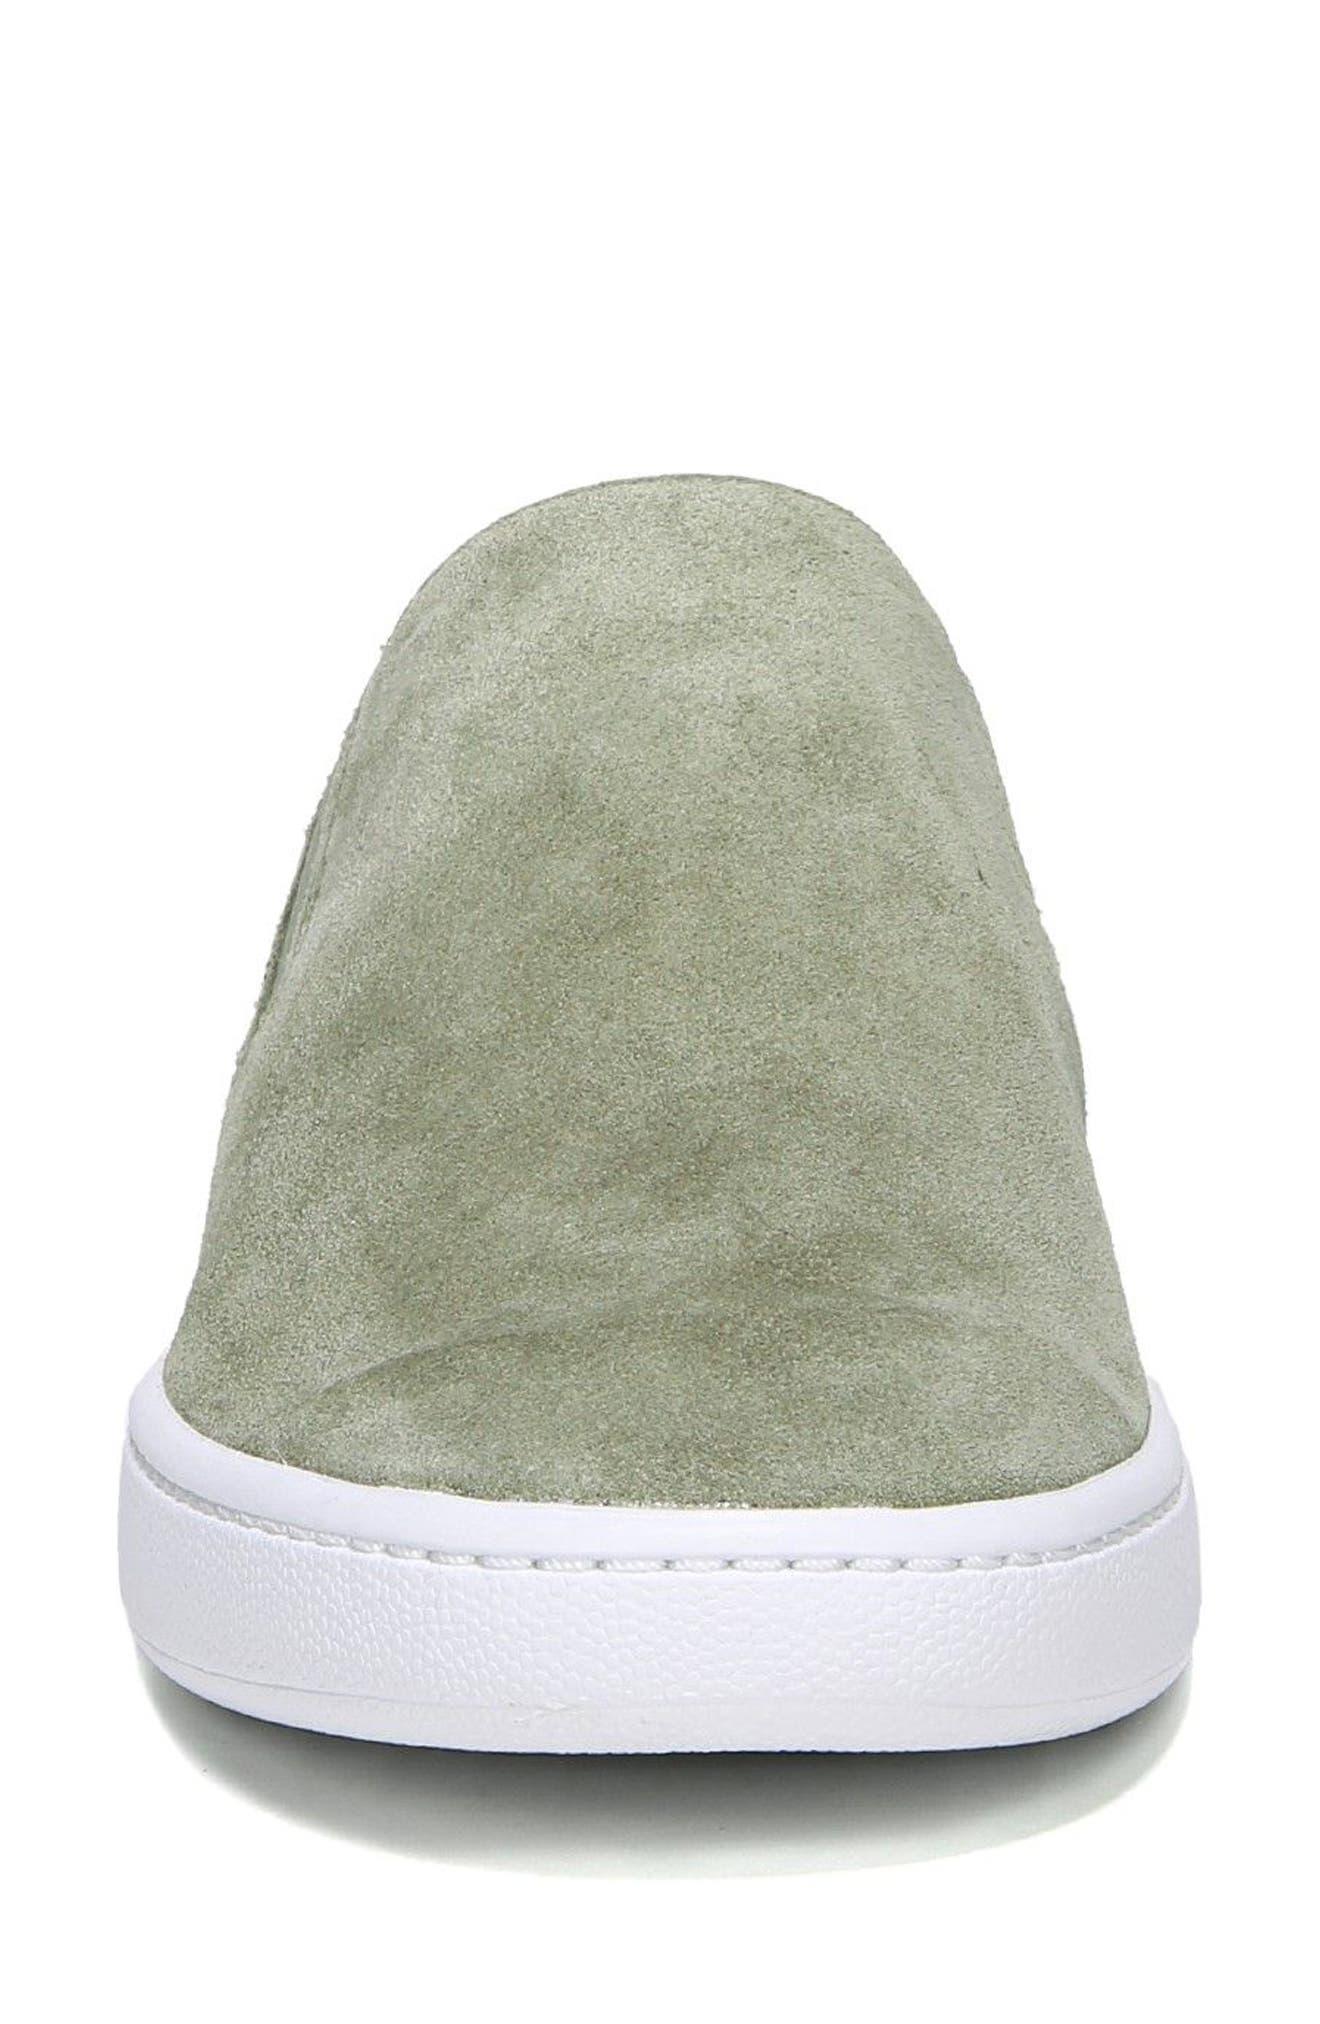 Verrell Slip-On Sneaker,                             Alternate thumbnail 32, color,